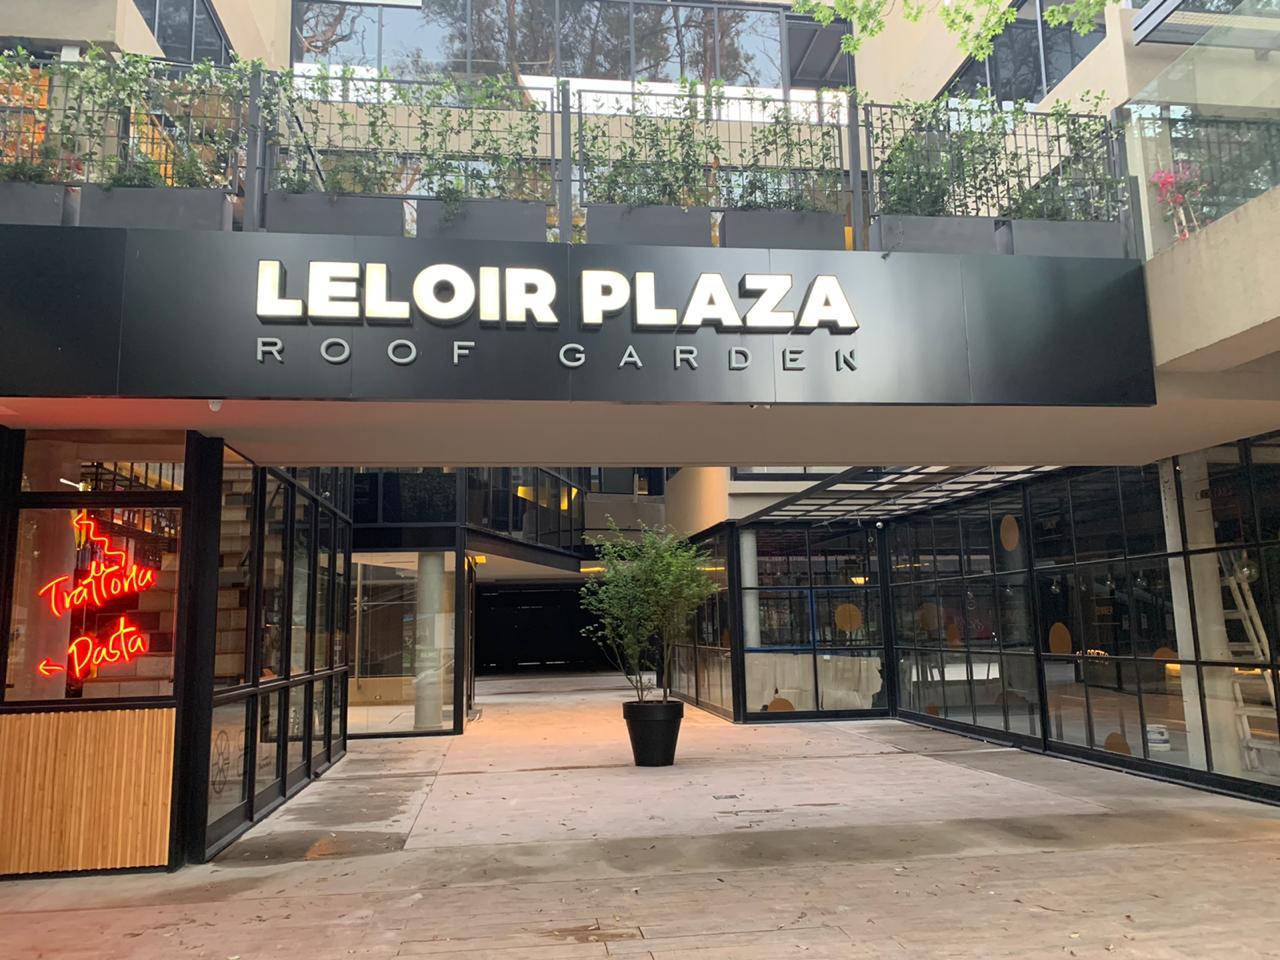 Oficina 110 m² c/ 2 cocheras Complejo Leloir Plaza – Martín Fierro 3246 Piso 2 Of 202 – Barrio Parque Leloir